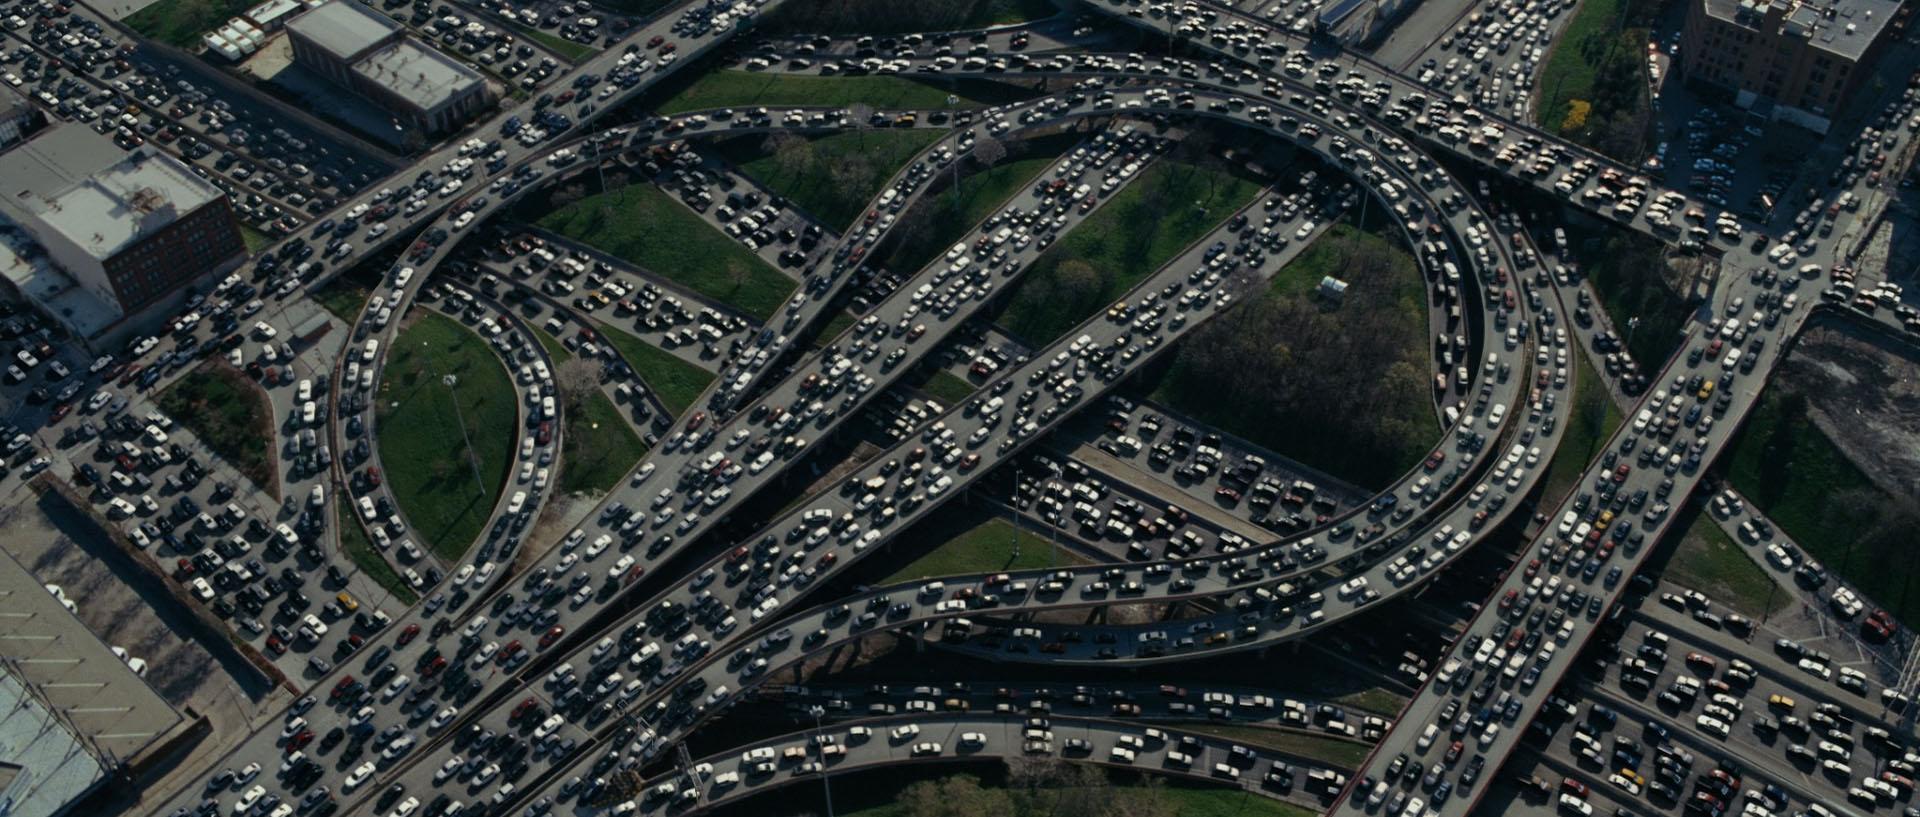 [趣闻] 叹世界无奇不有 赏蚂蚁铺路架桥(22P) - 路人@行者 - 路人@行者